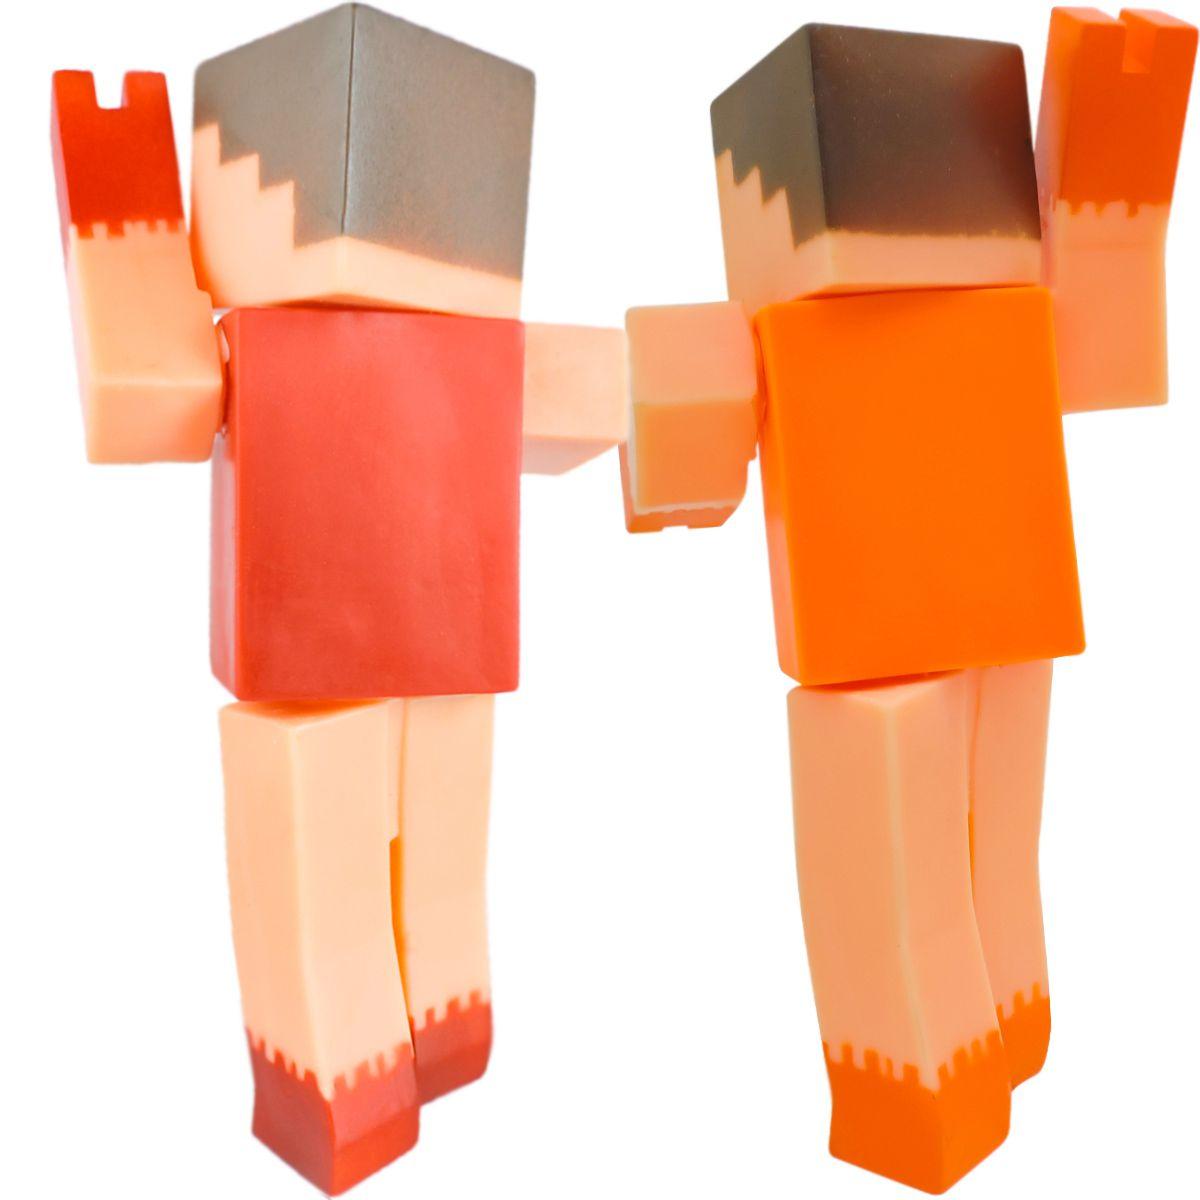 Coleção 2 Bonecos Super Blocks Articulados Adijomar